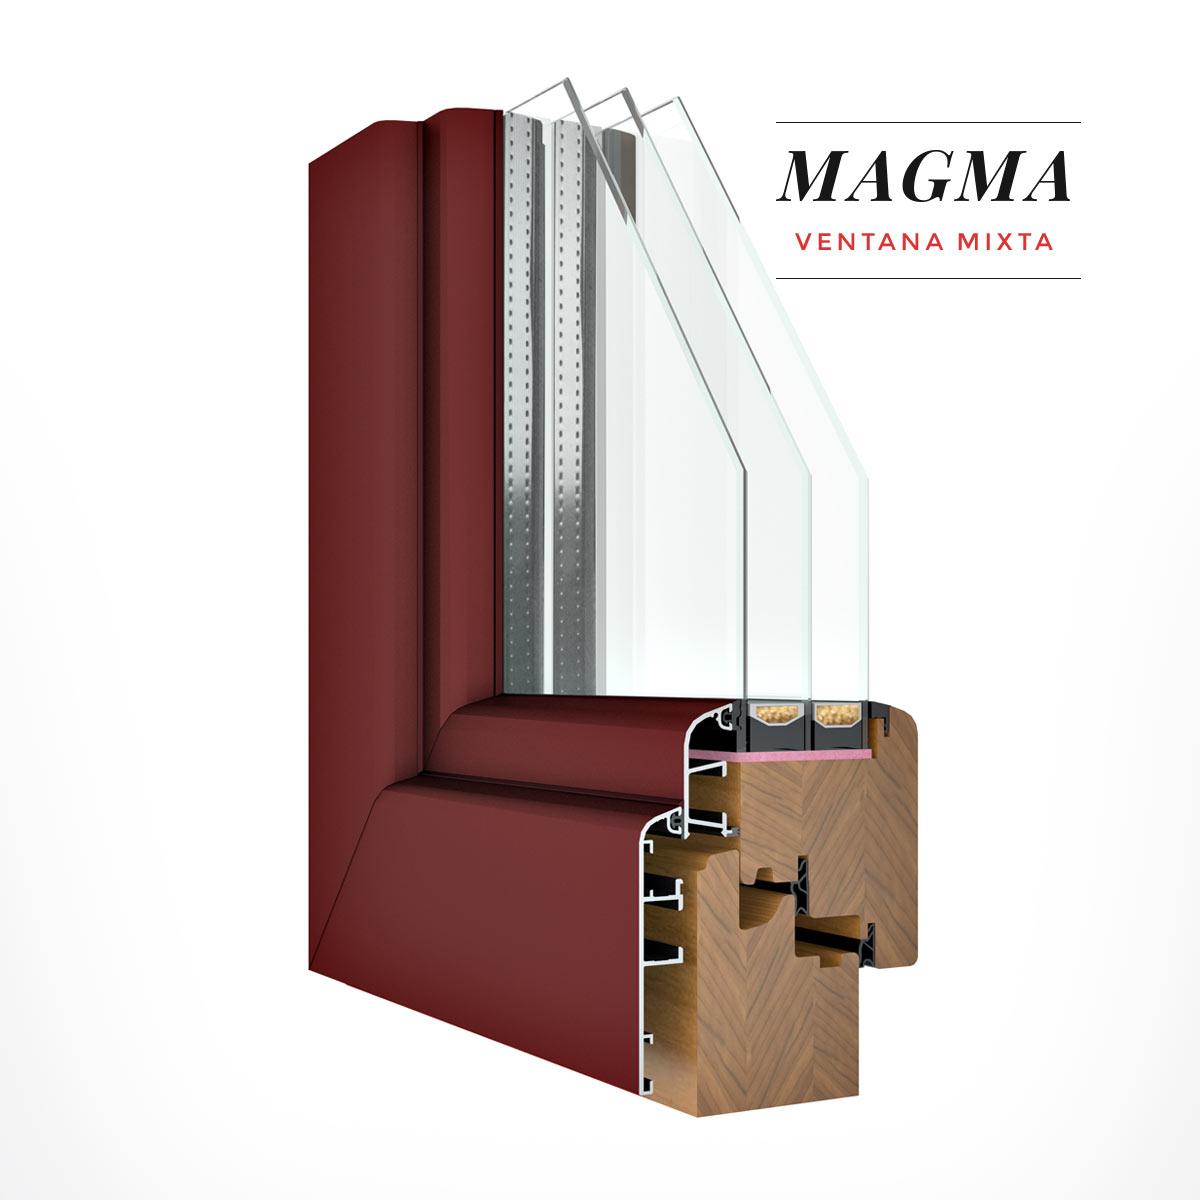 Carreté Finestres - finestra de fusta i alumini de color granat - Finestres mixtes Magma